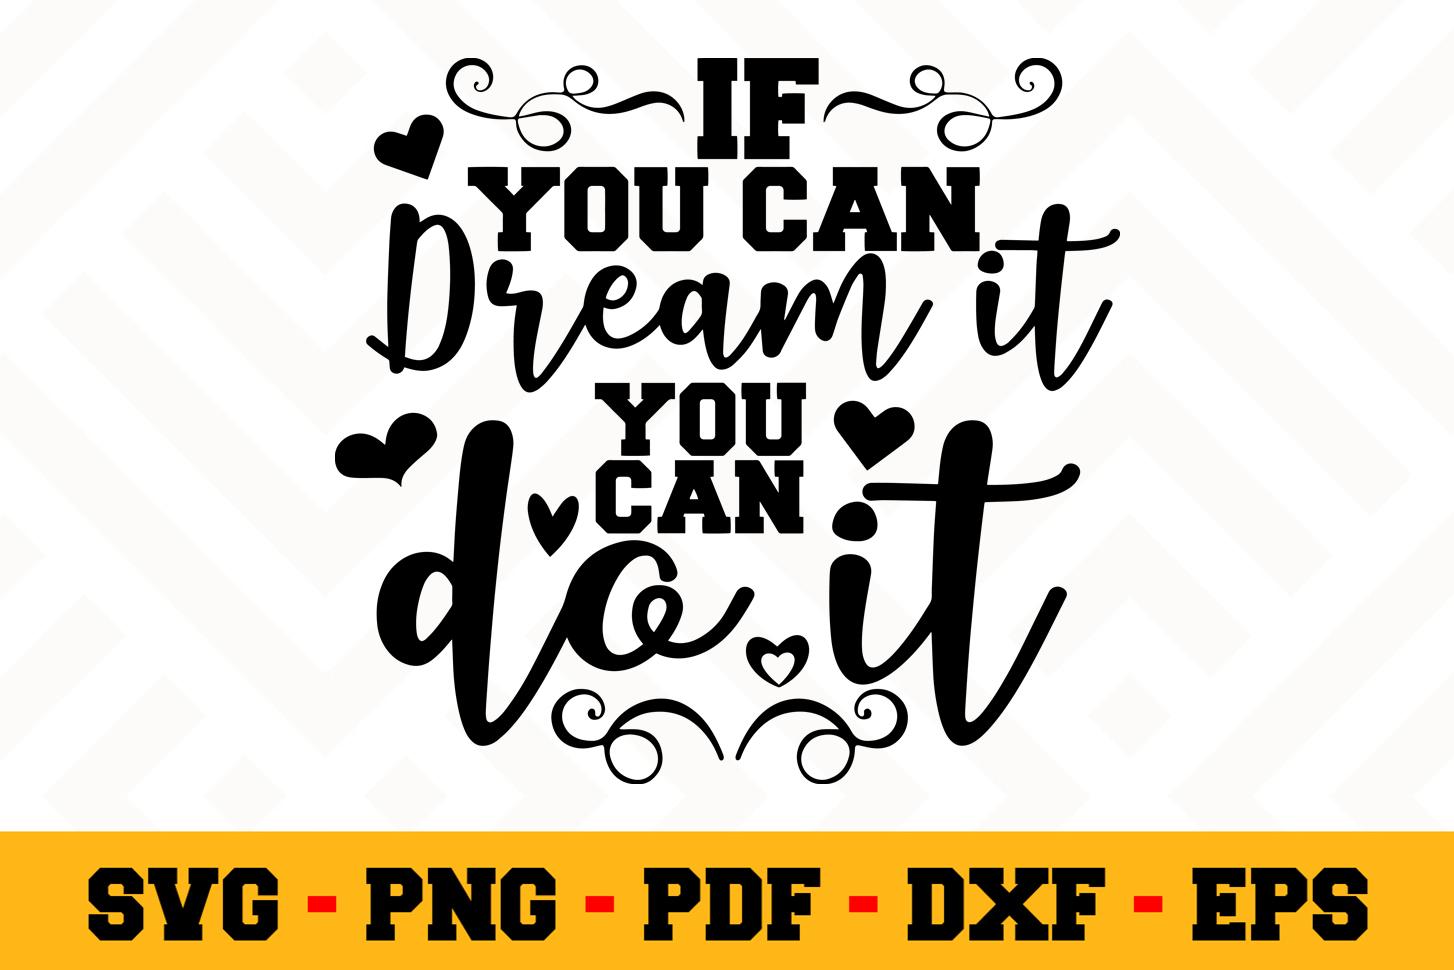 Motivation SVG Design n508 | Motivational Quote SVG File example image 1